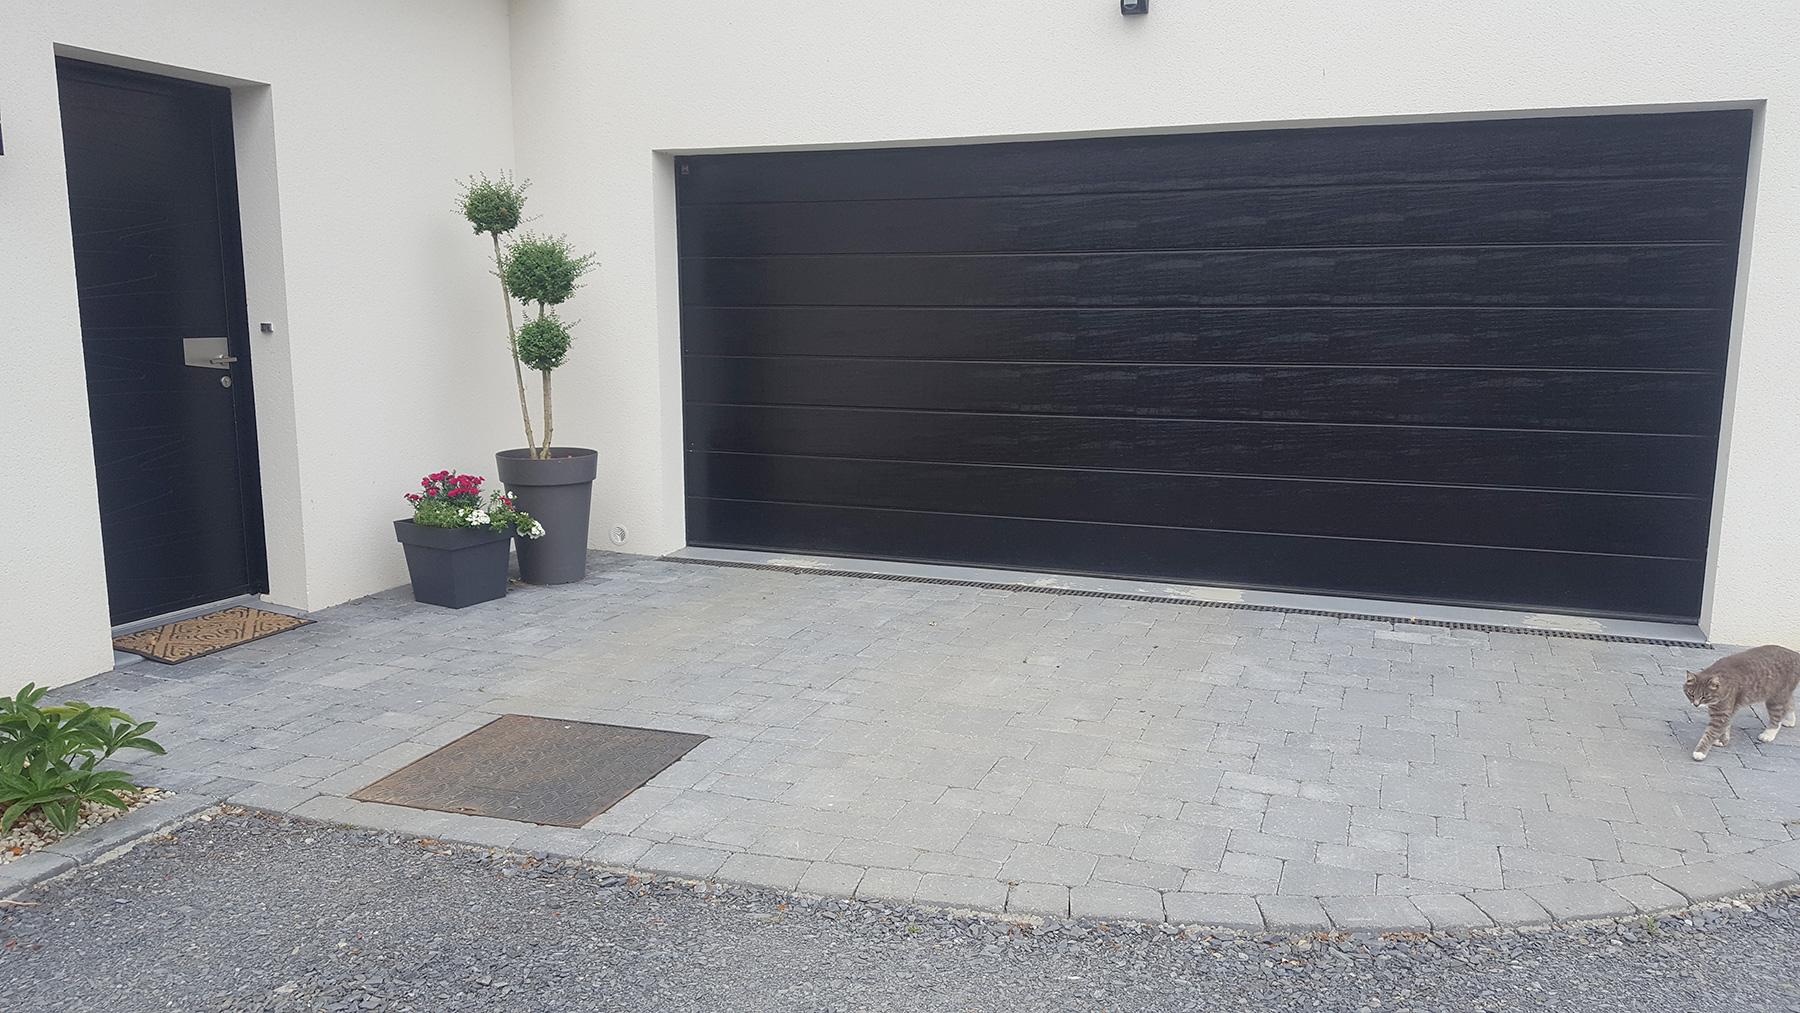 Allée De Garage En Béton Drainant aménagement allée de garage - entreprise aménagement d'allée